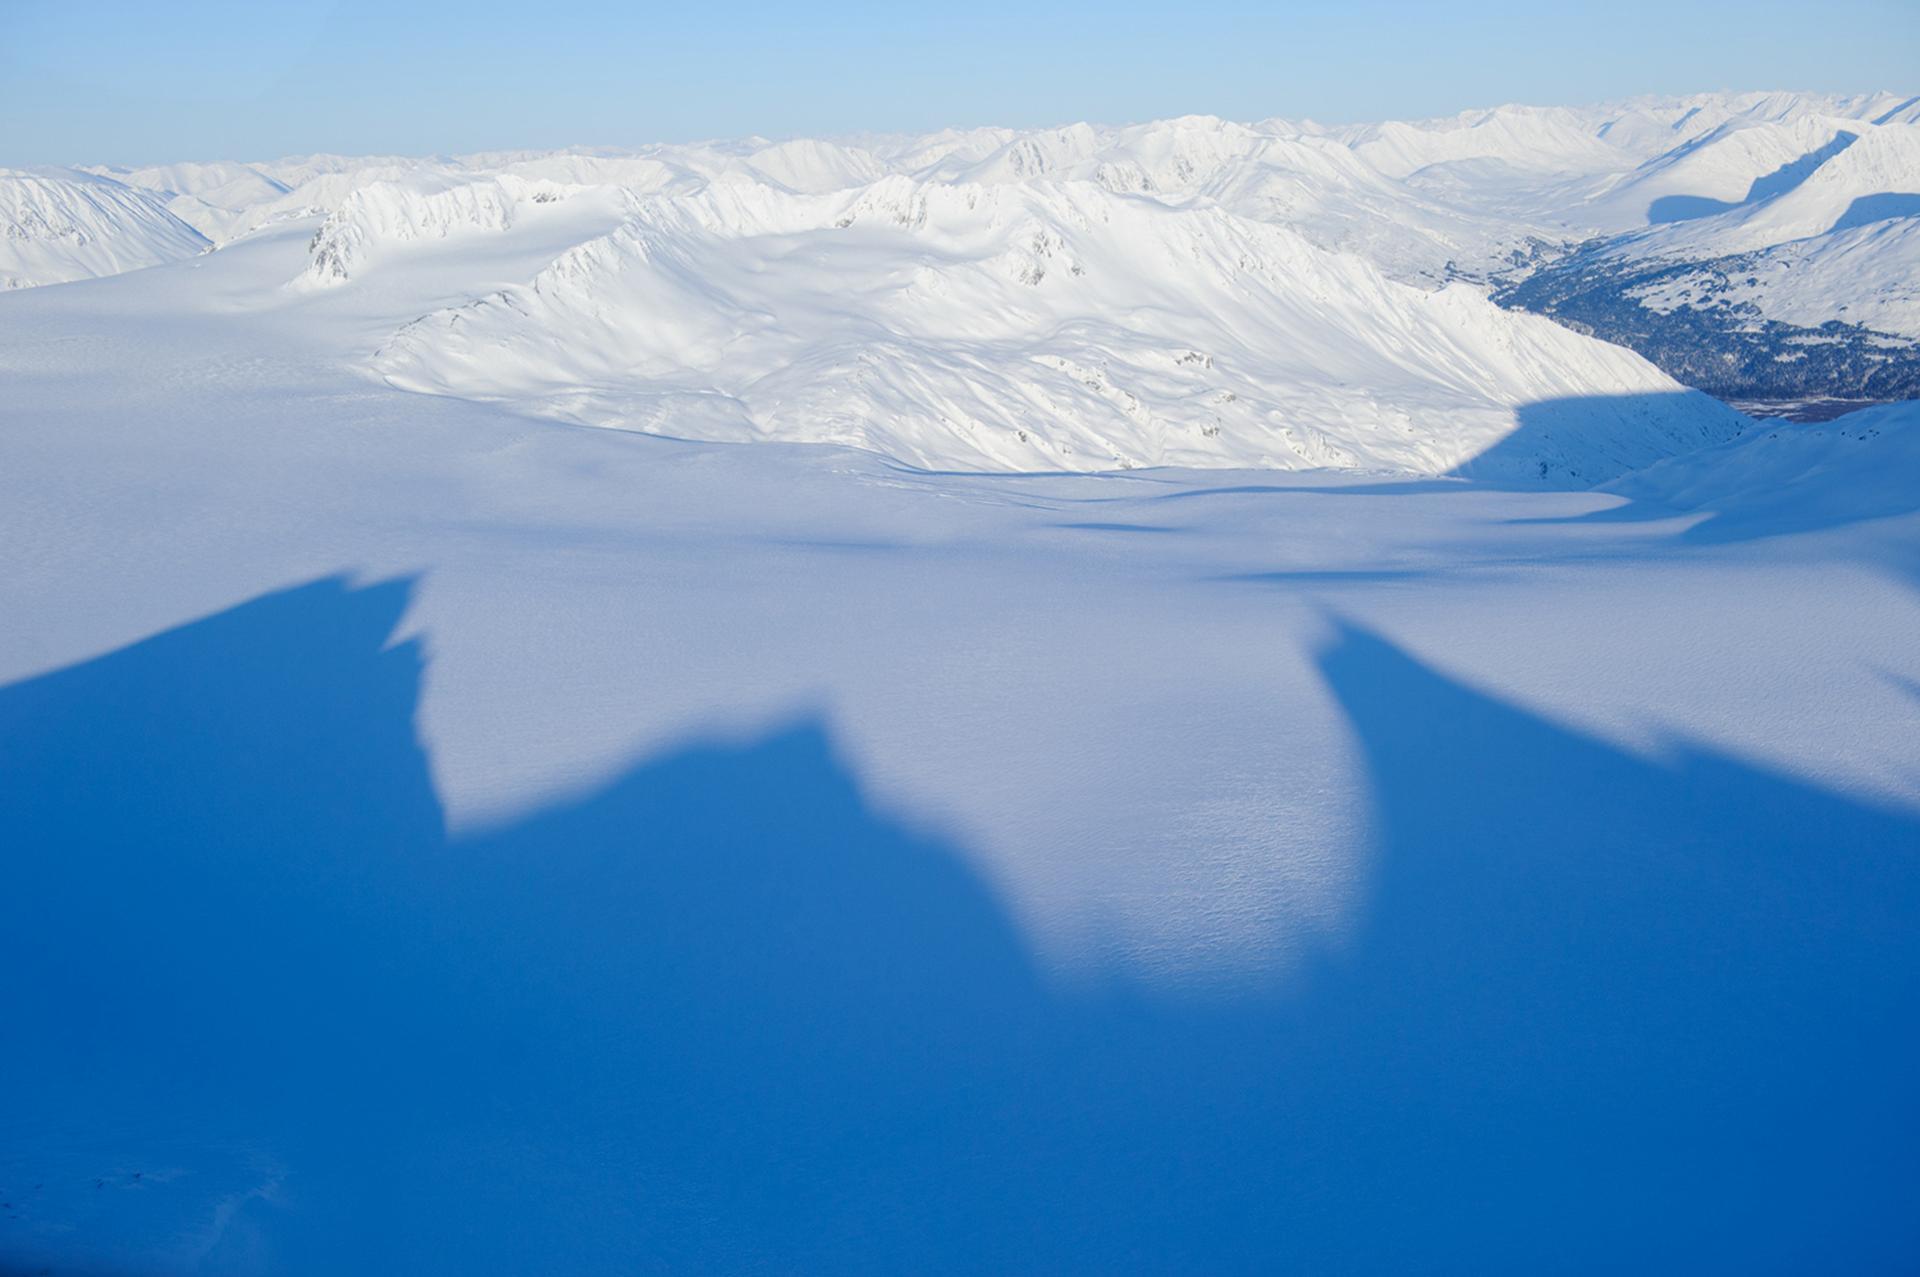 Una vista aérea del campo de hielo de Harding